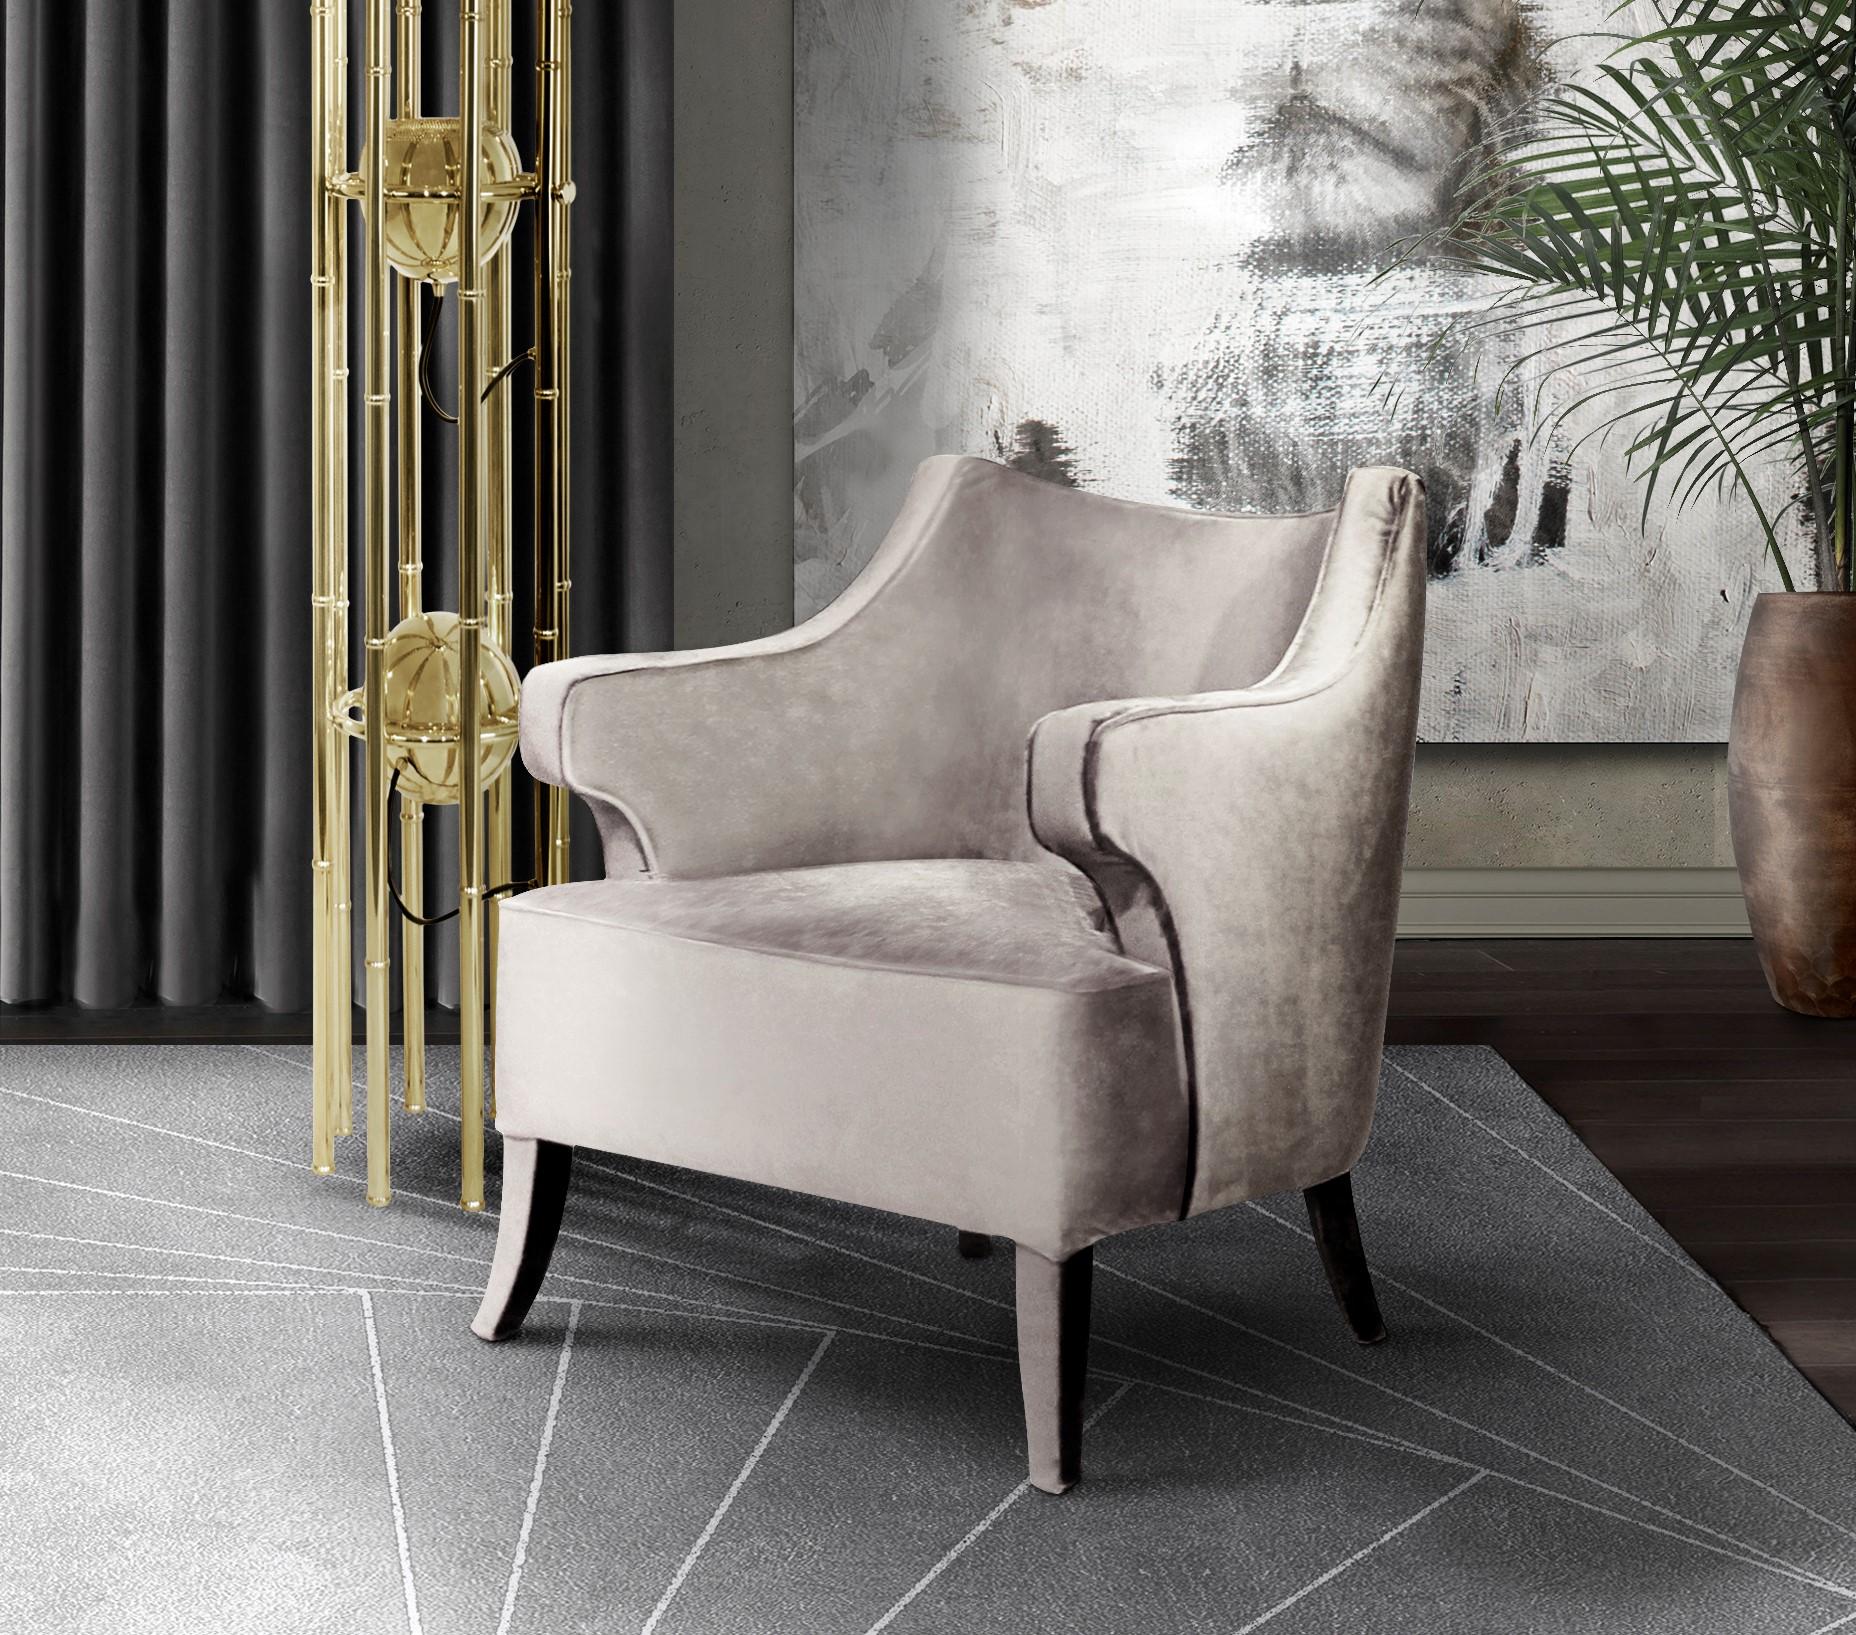 6 Grey Rugs For An Elegant Design grey 6 Grey Rugs For An Elegant Design Inception Grey1